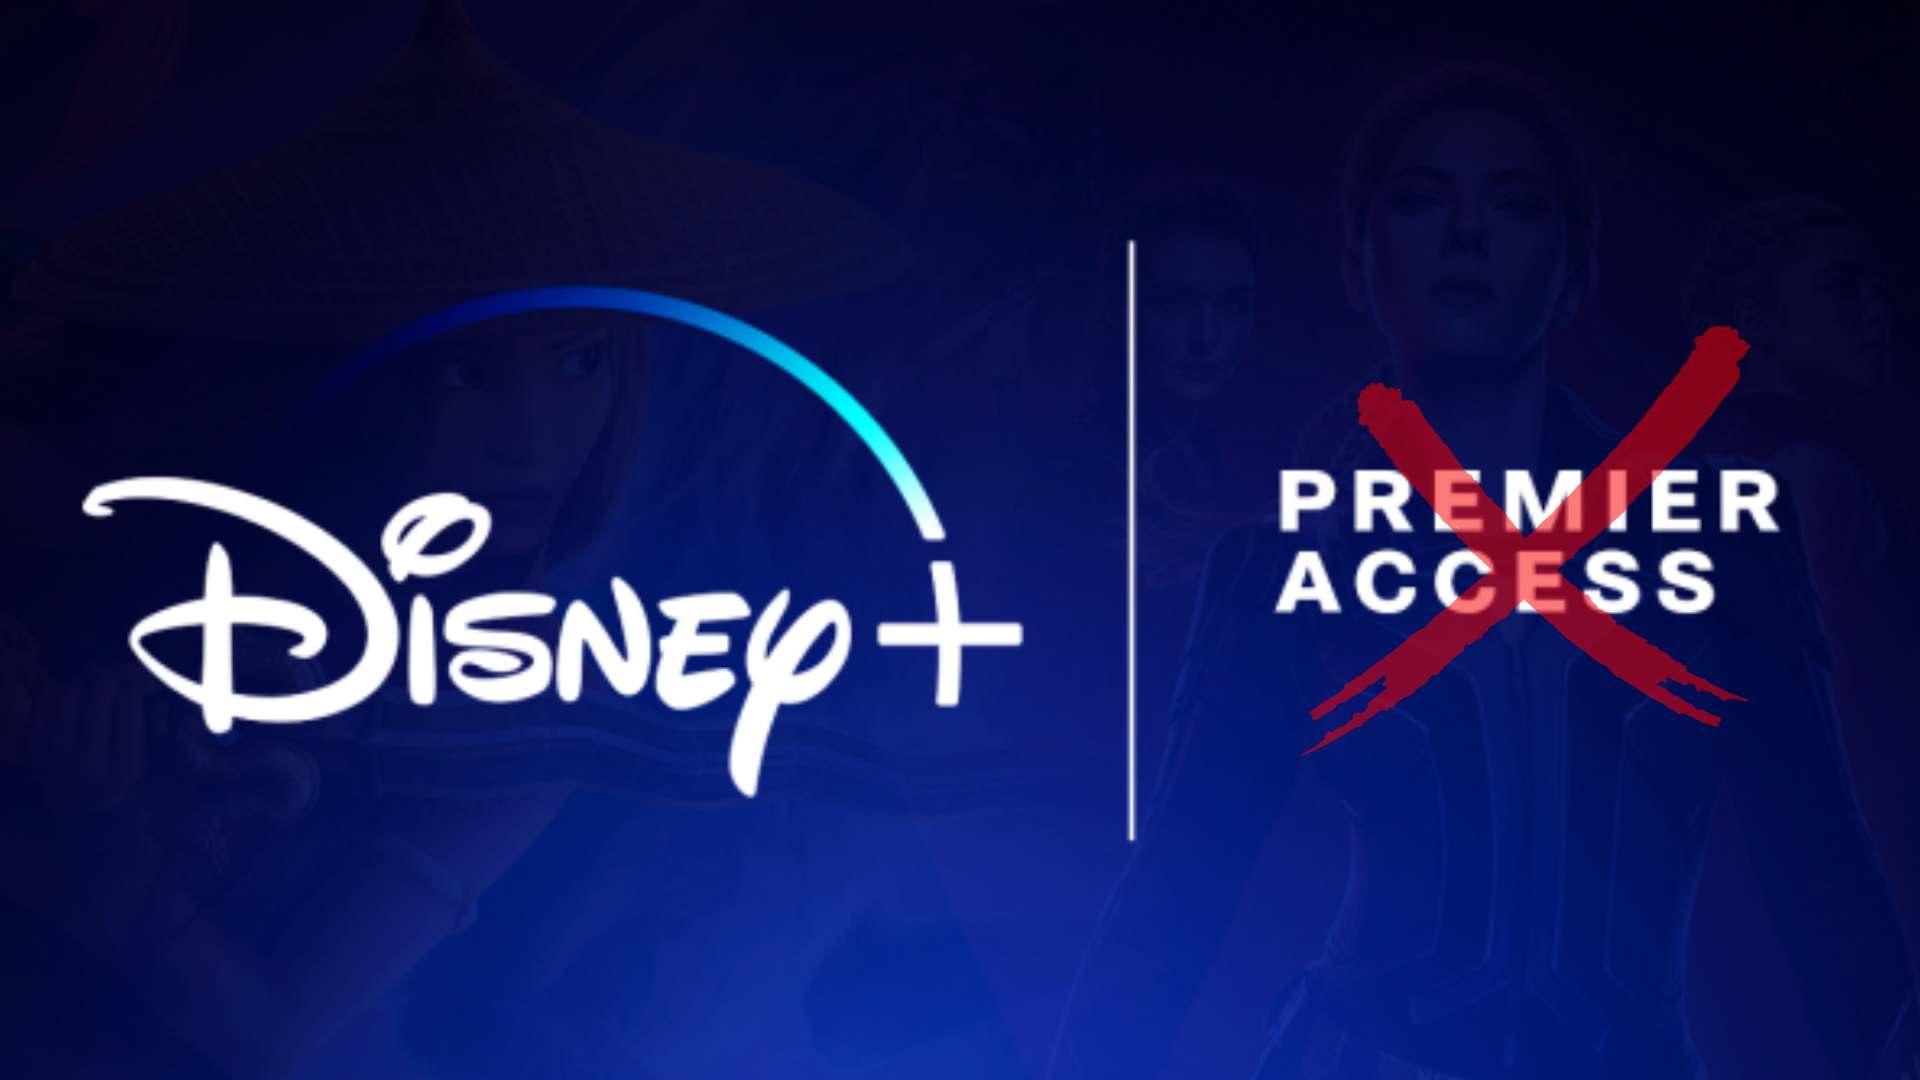 Premier Access - Disney Plus